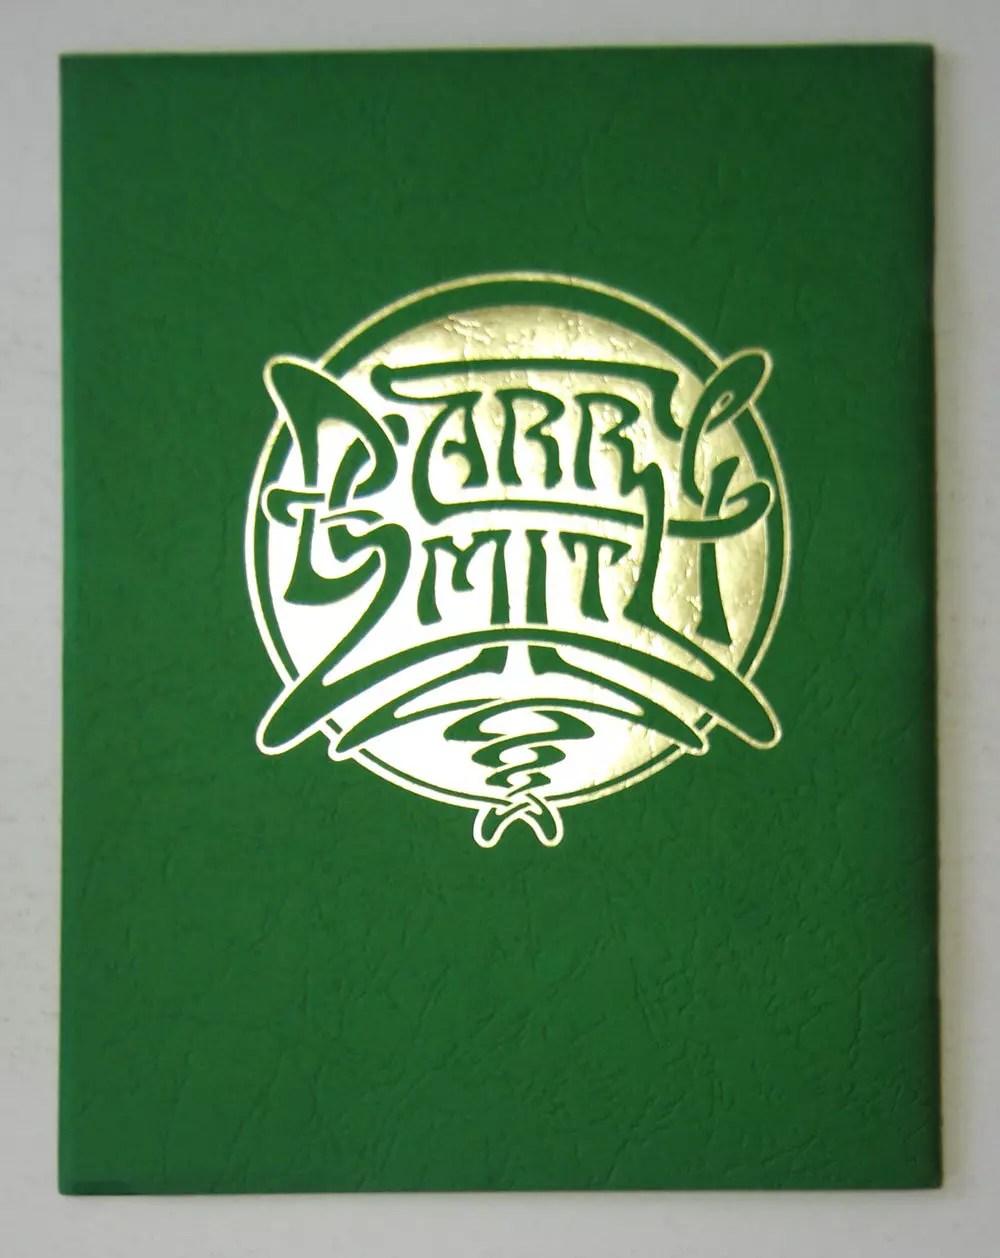 Barry Smith 1975 Shelf Stuff Gorblimey Press First Edition